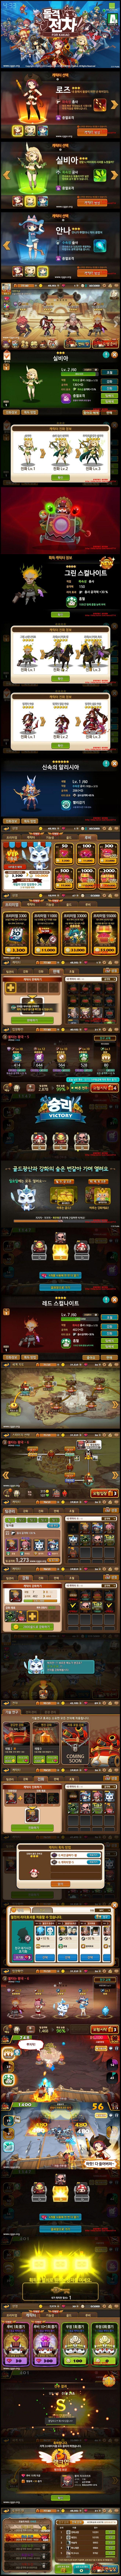 突击坦克UI - cggo cg谷@独猫采集到游戏界面(7524图)_花瓣UI/UX